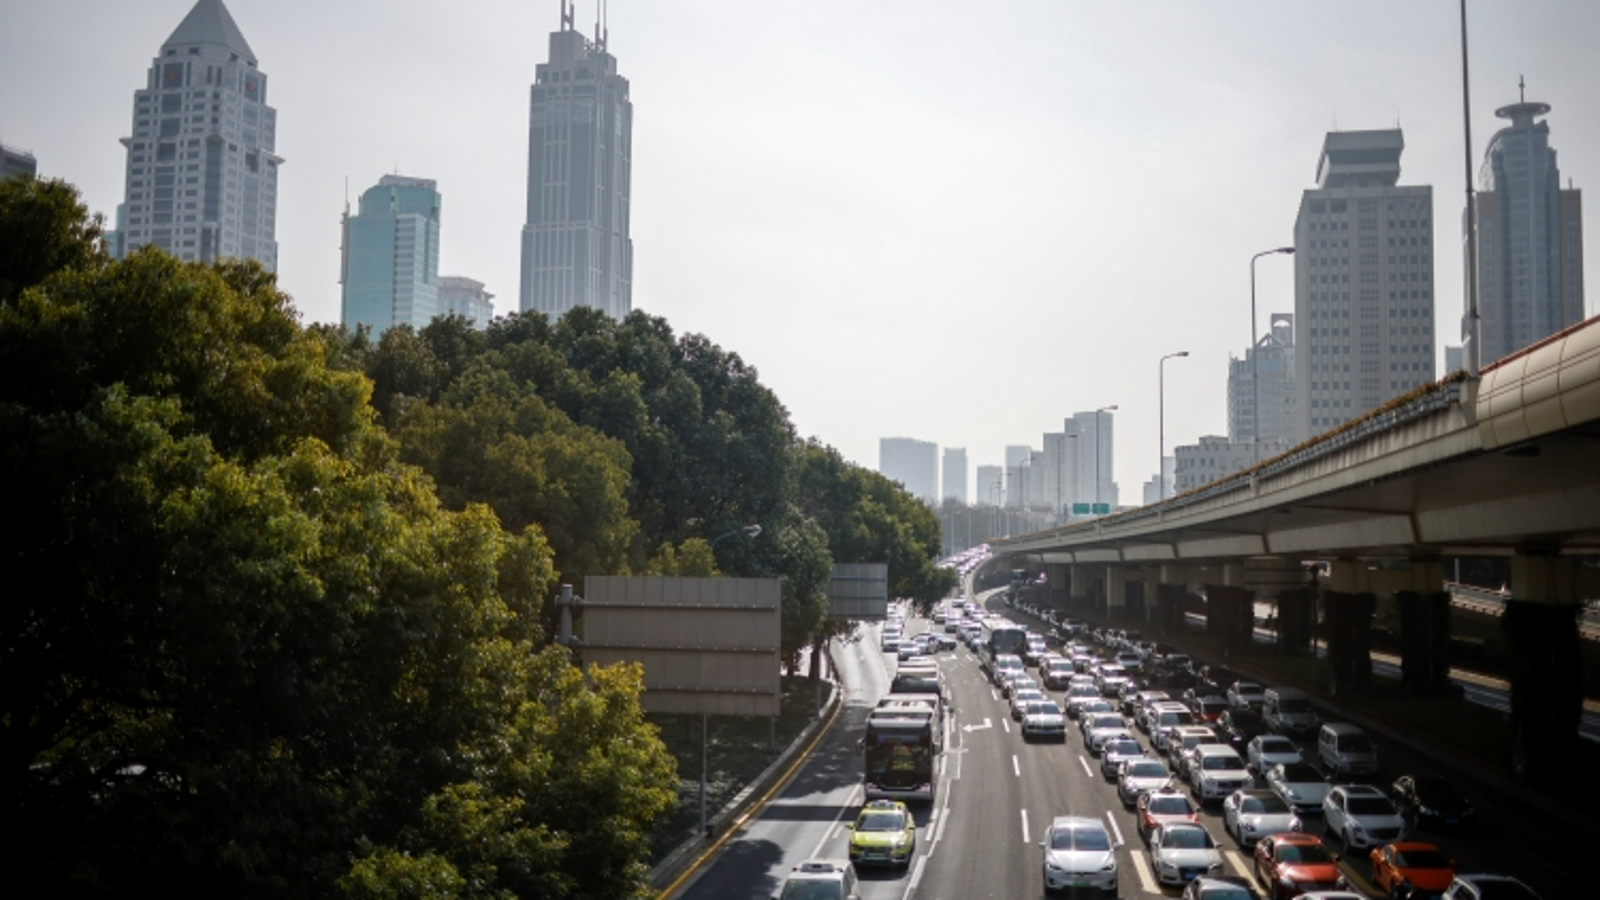 Trung Quốc khẳng định vẫn là nước đang phát triển